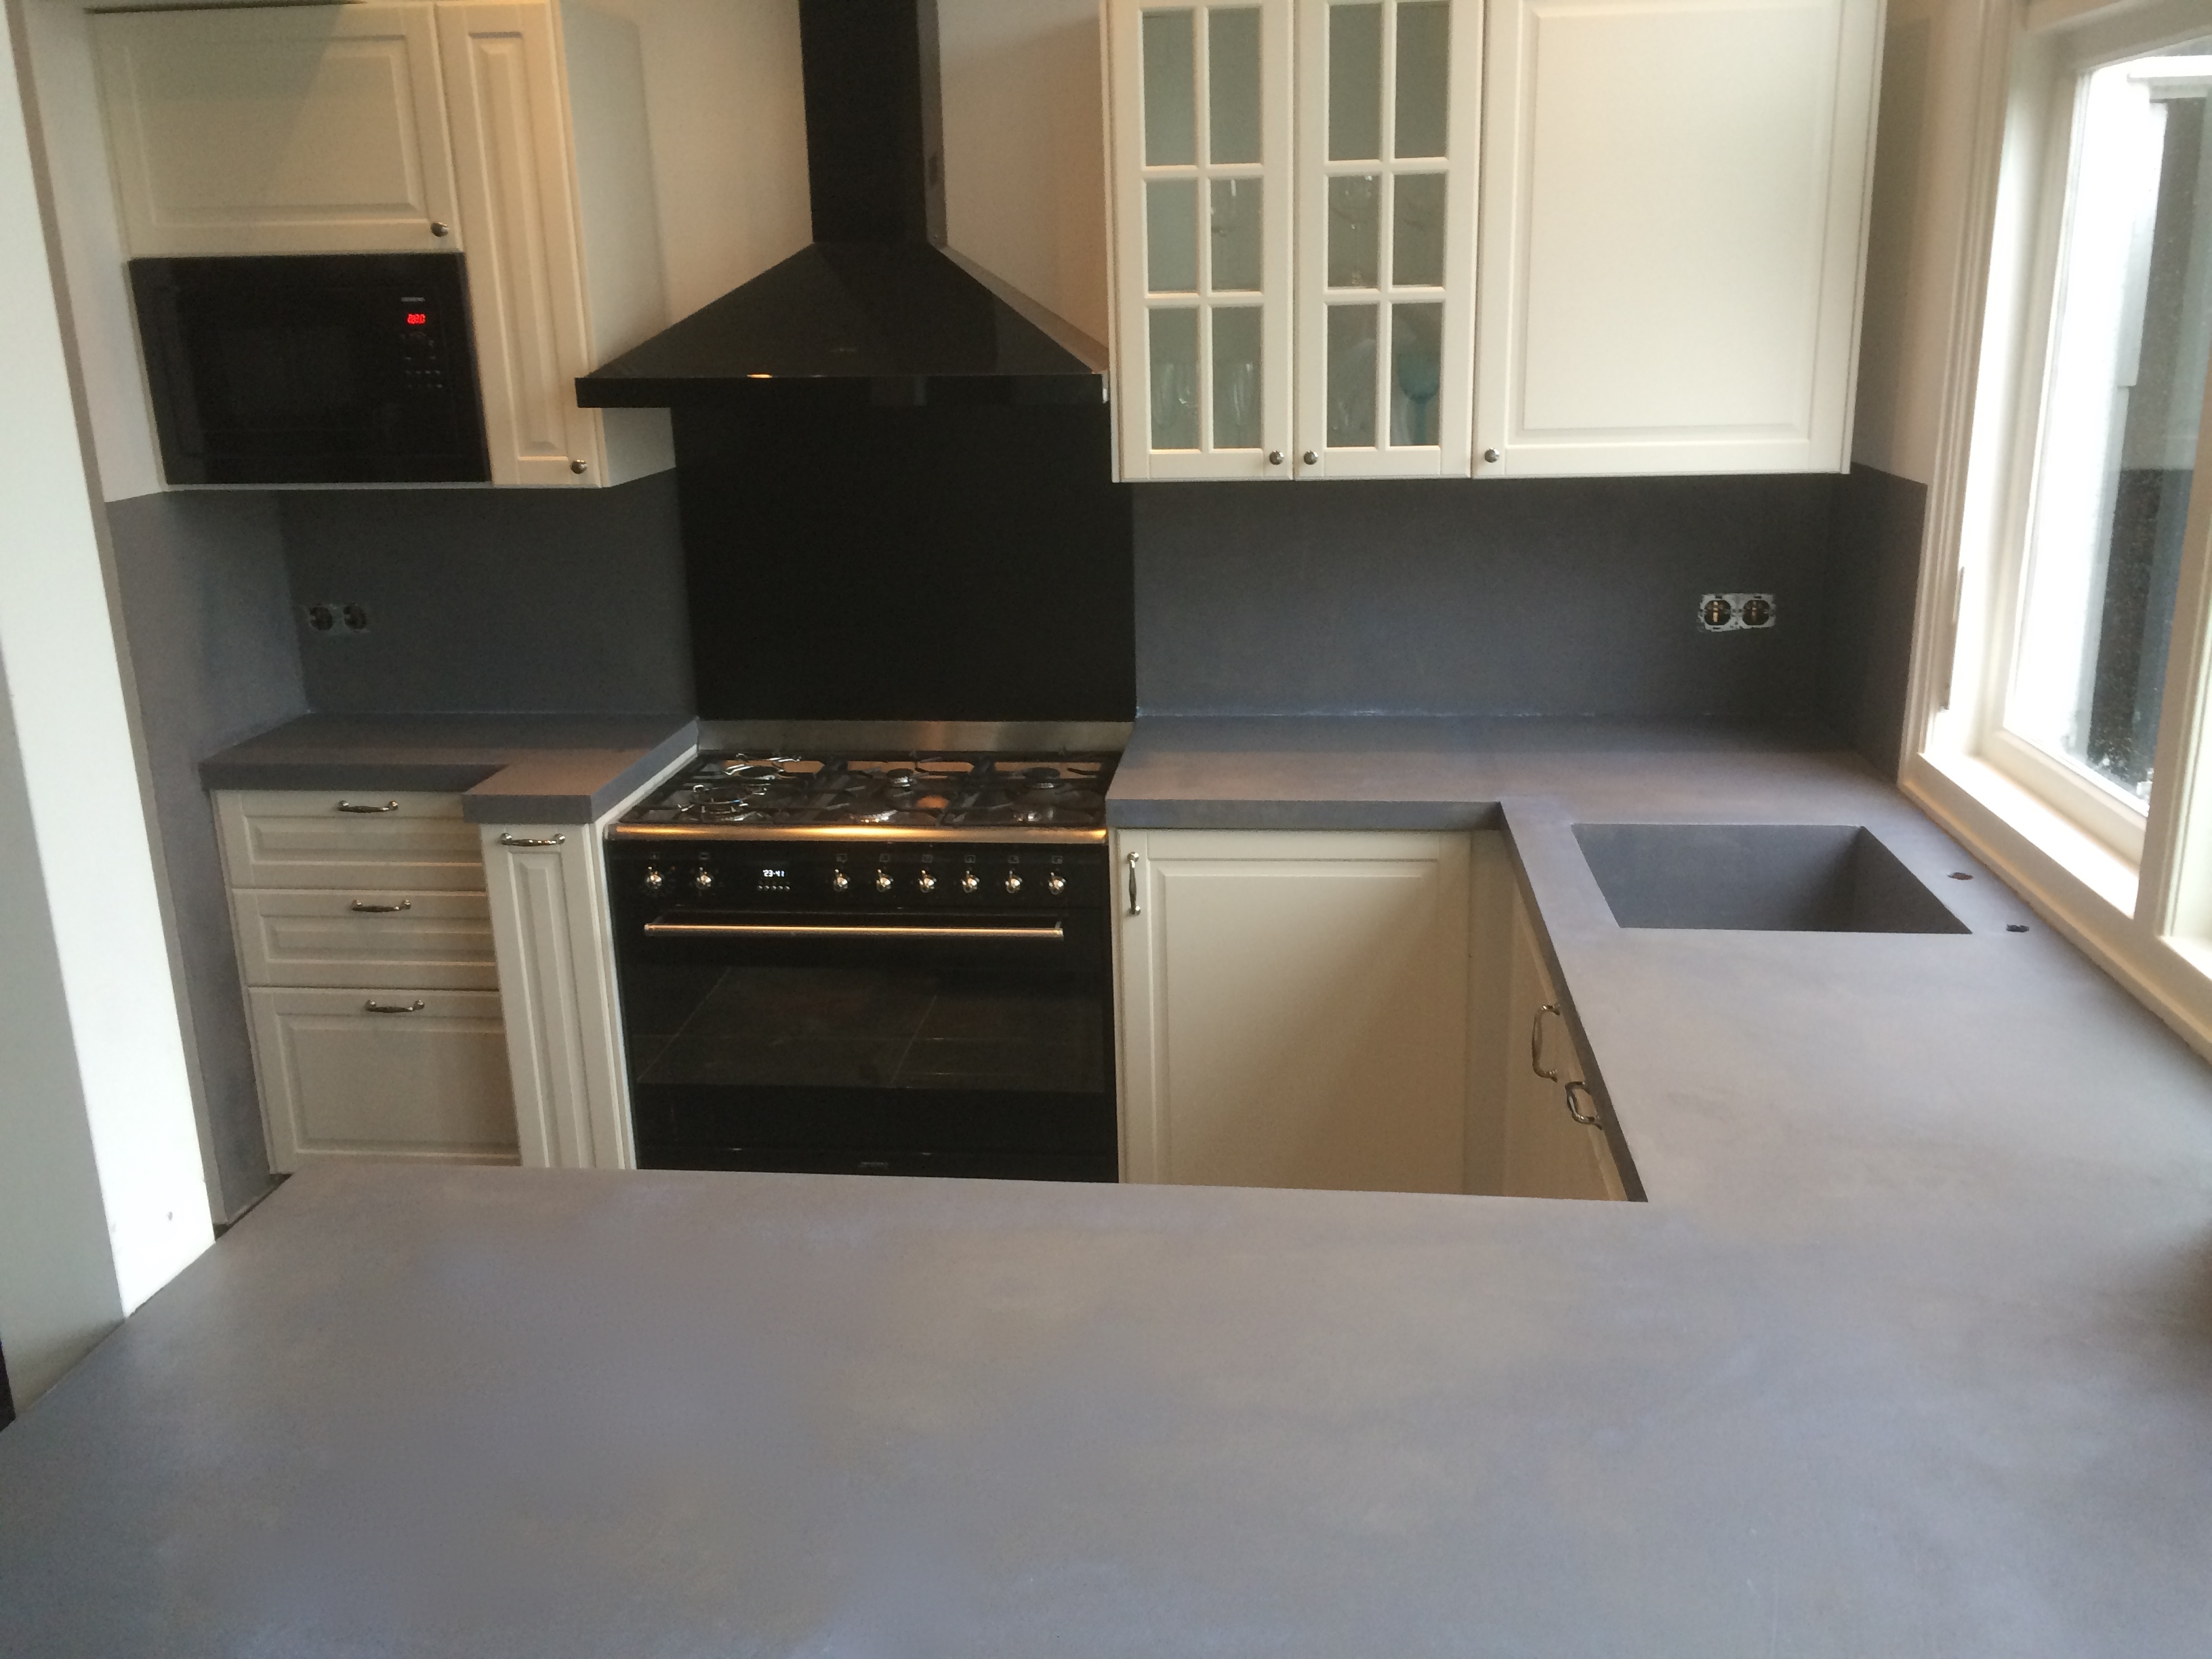 Beton Cire In De Keuken : Aanrechtblad van beton-cire in de keuken